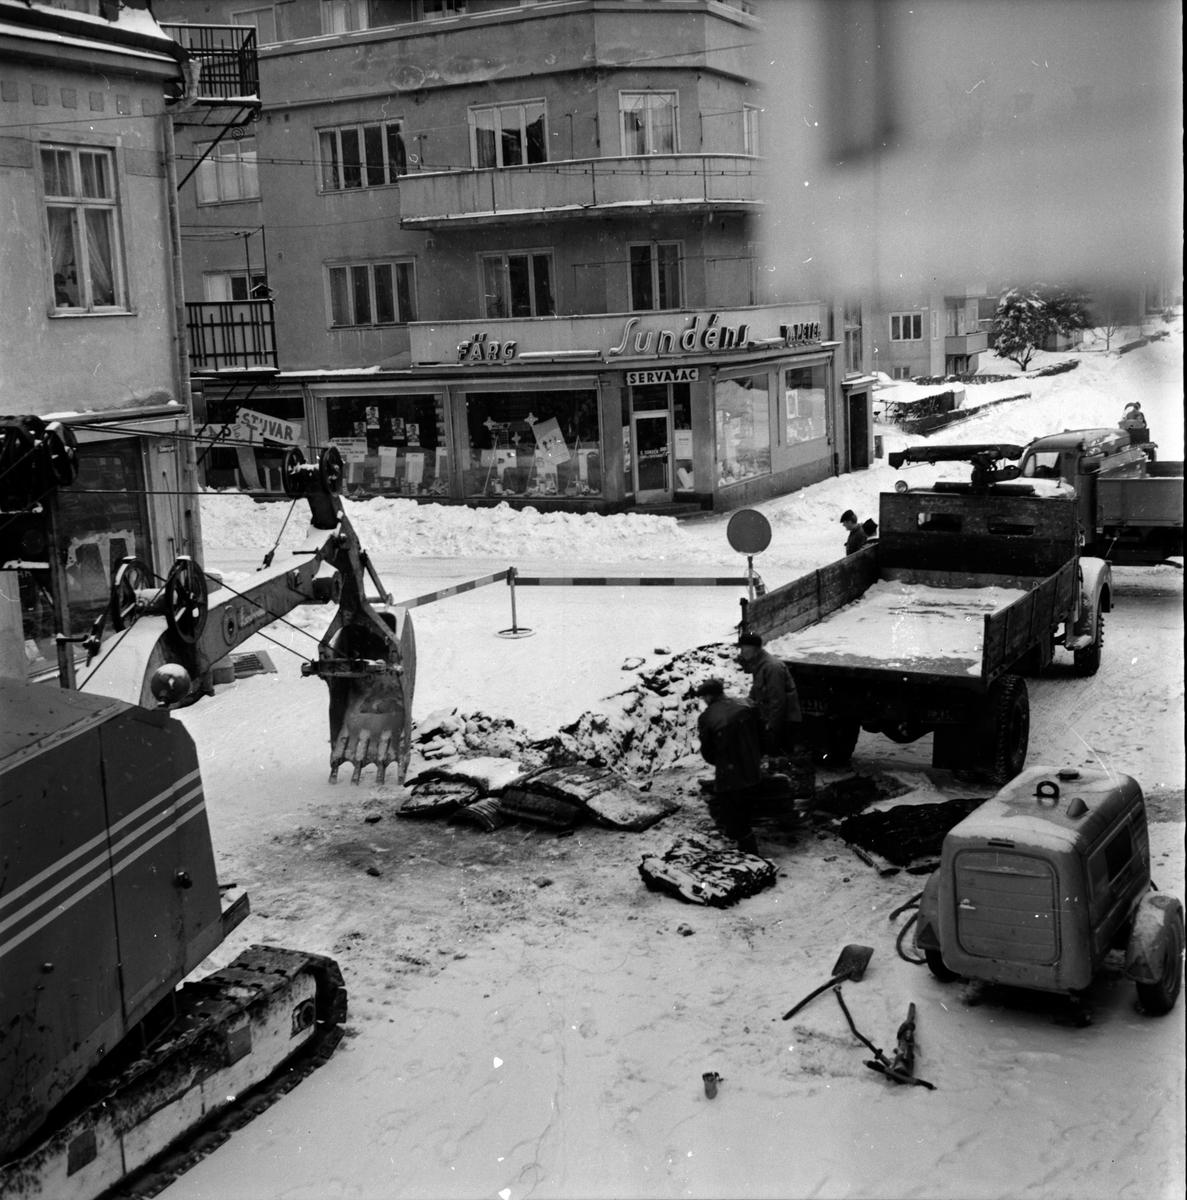 Vattenbekymmer, Brott i Odengatan, 30 Mars 1966